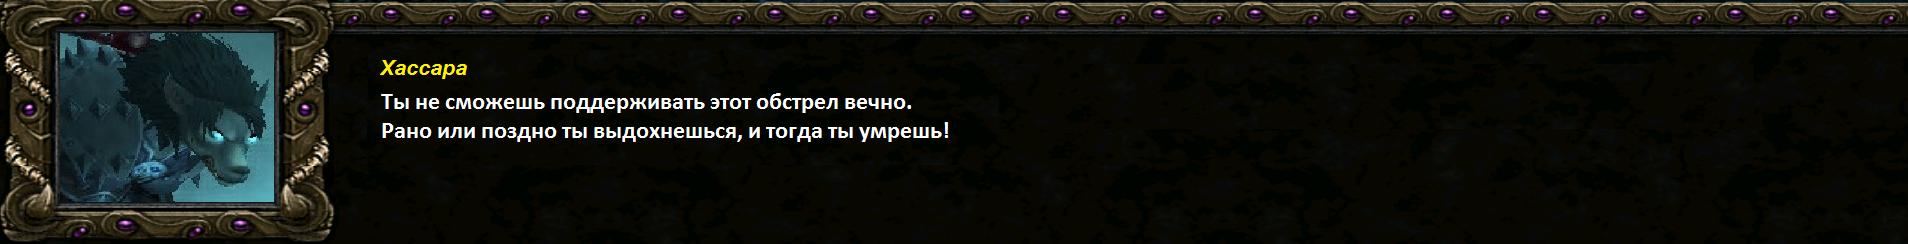 Диалоговое окно Дк 8.4